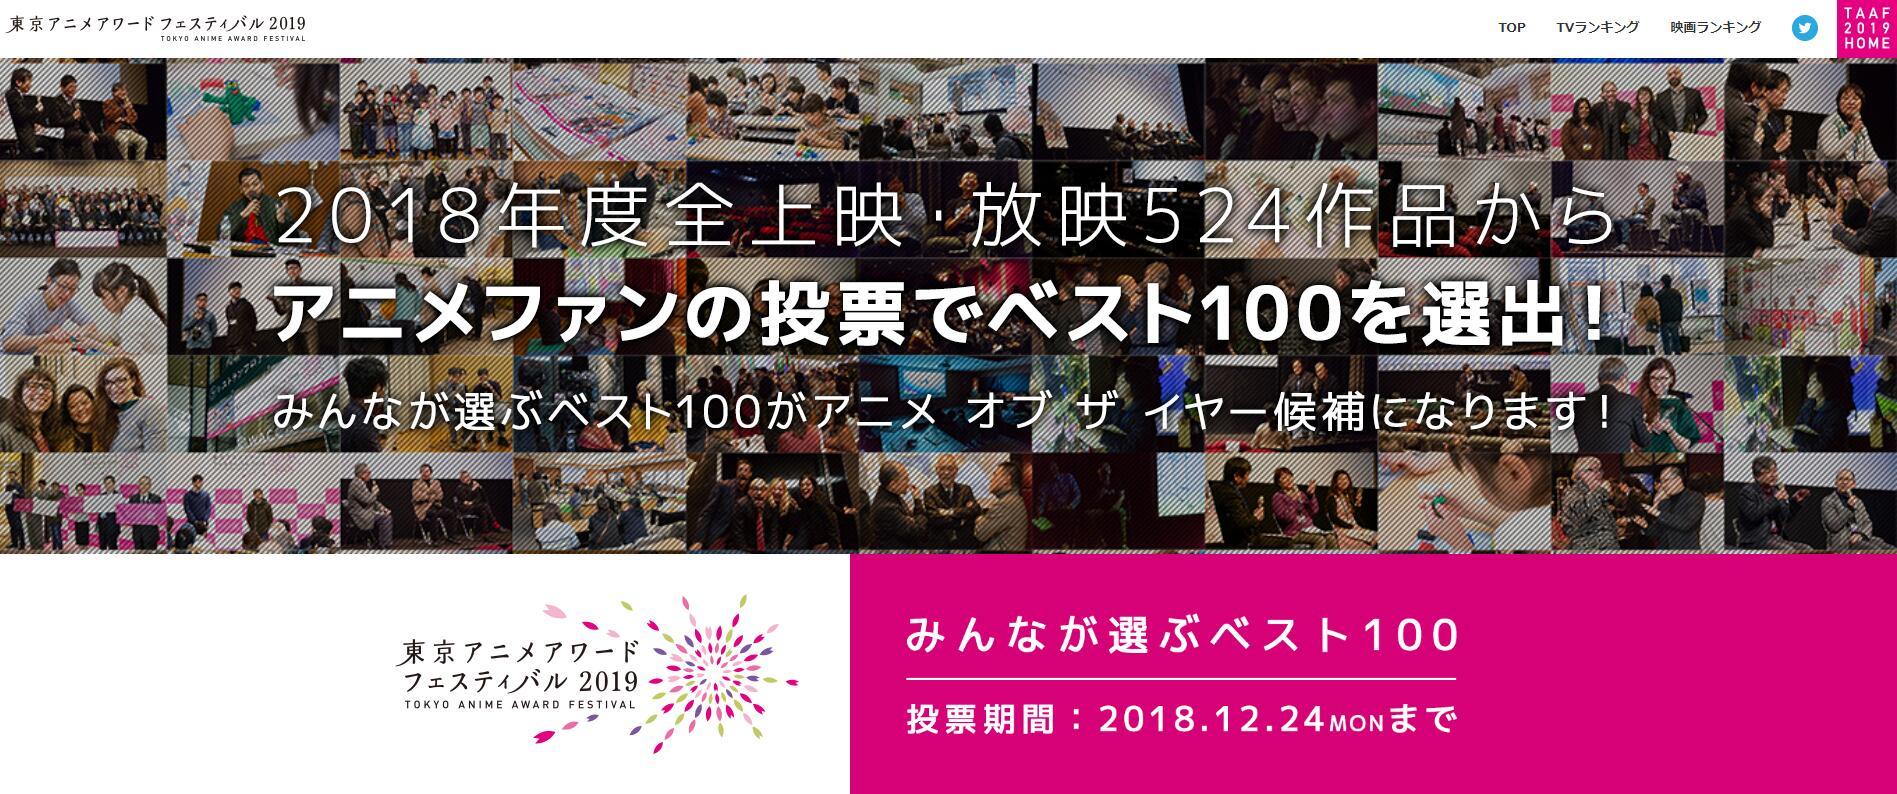 日漫风向标  2018东京动画奖初选投票结果出炉